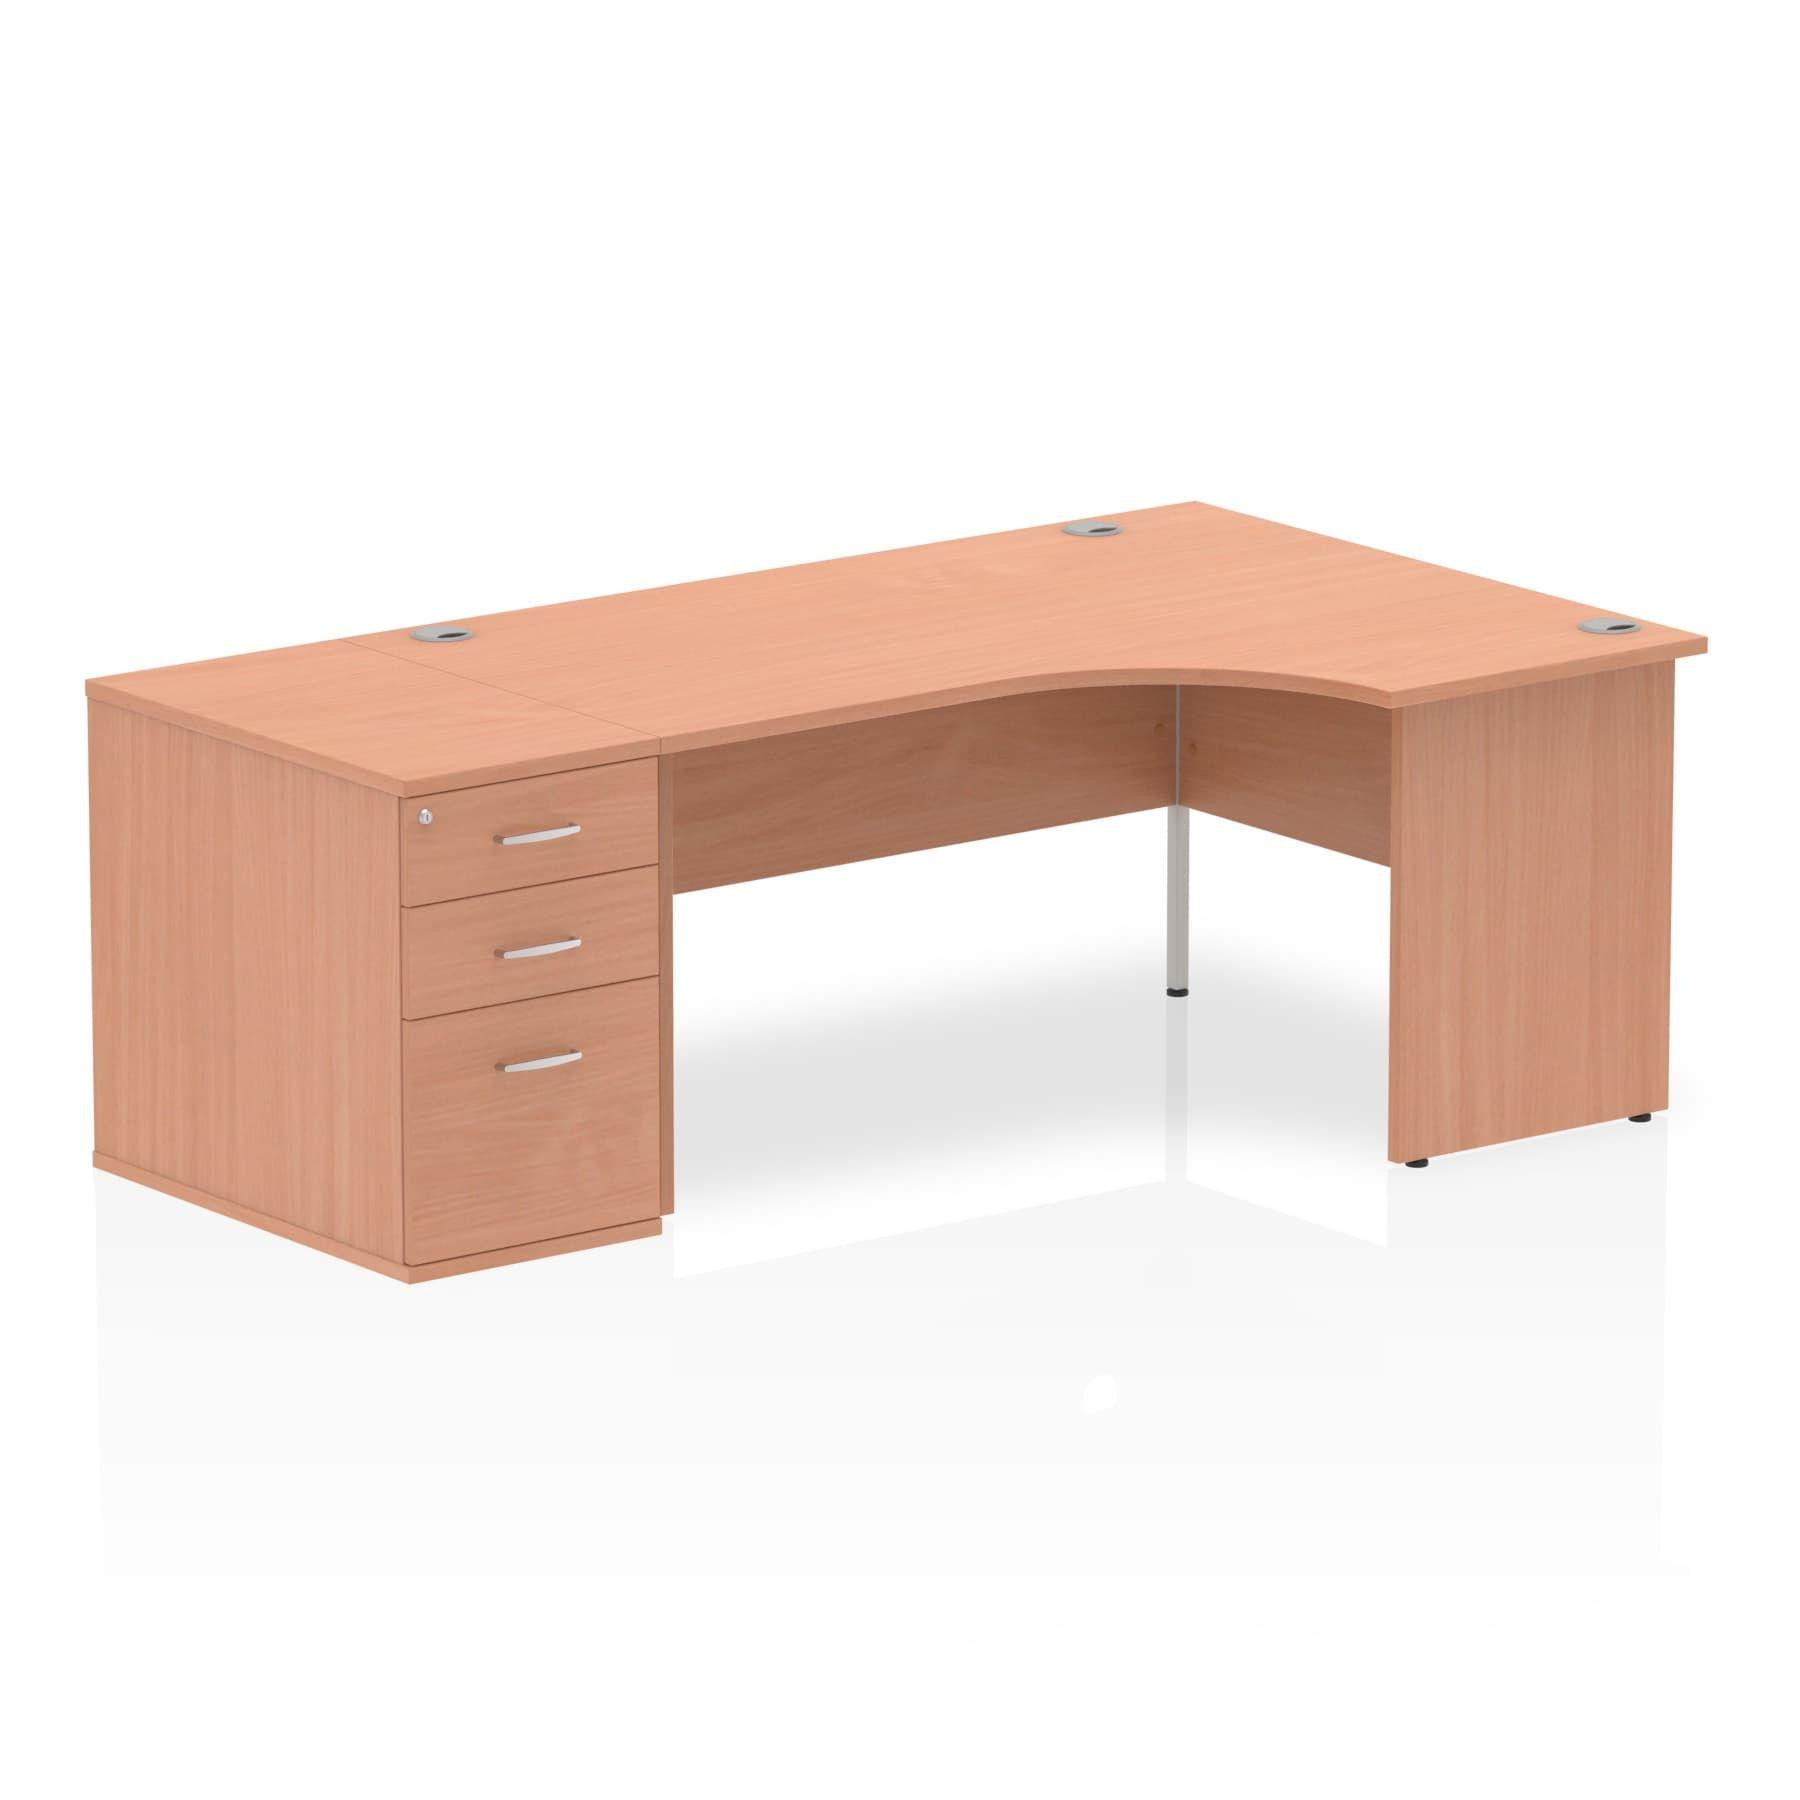 Impulse 1600 Right Hand Panel End Workstation 800mm Depth Pedestal Bundle